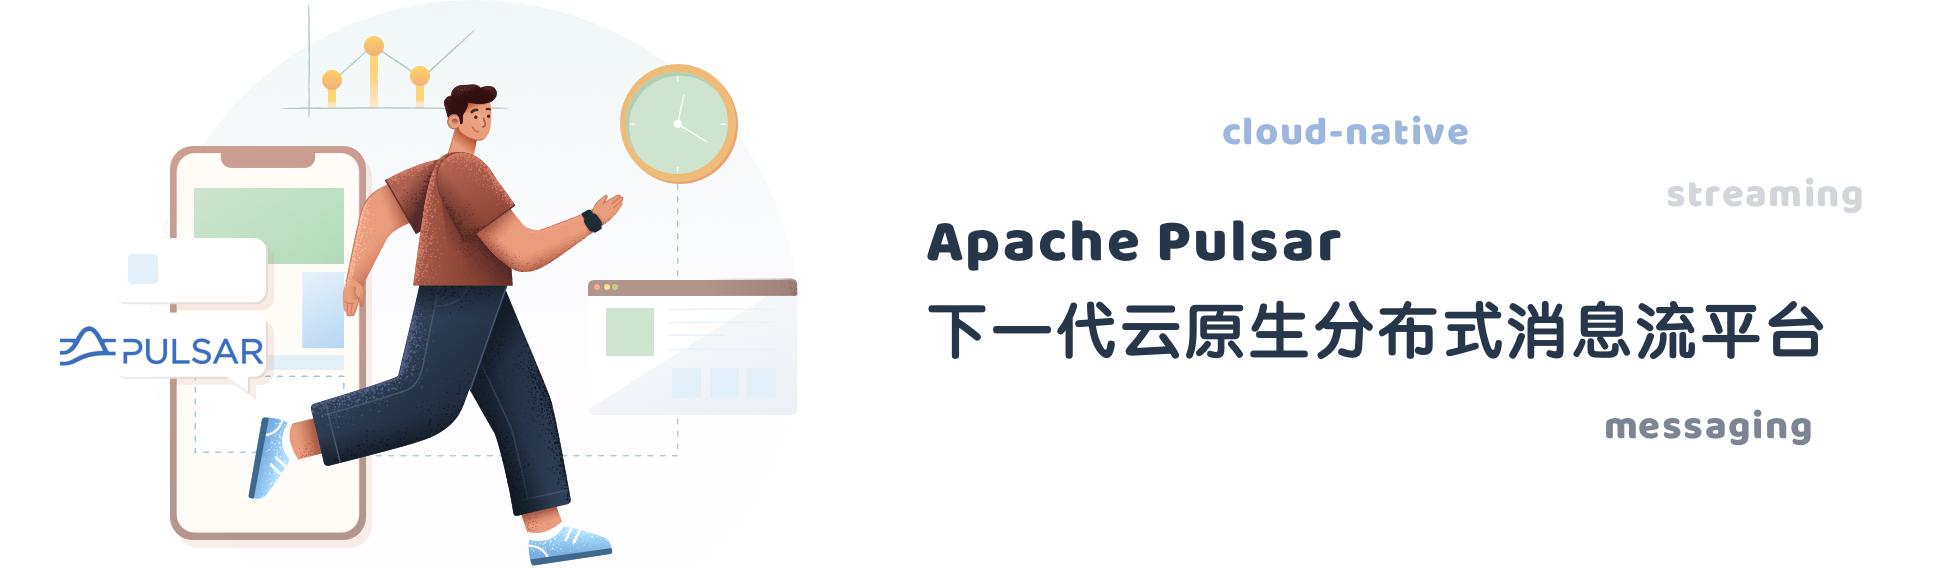 揭秘开源项目 Apache Pulsar 如何挑战 Kafka